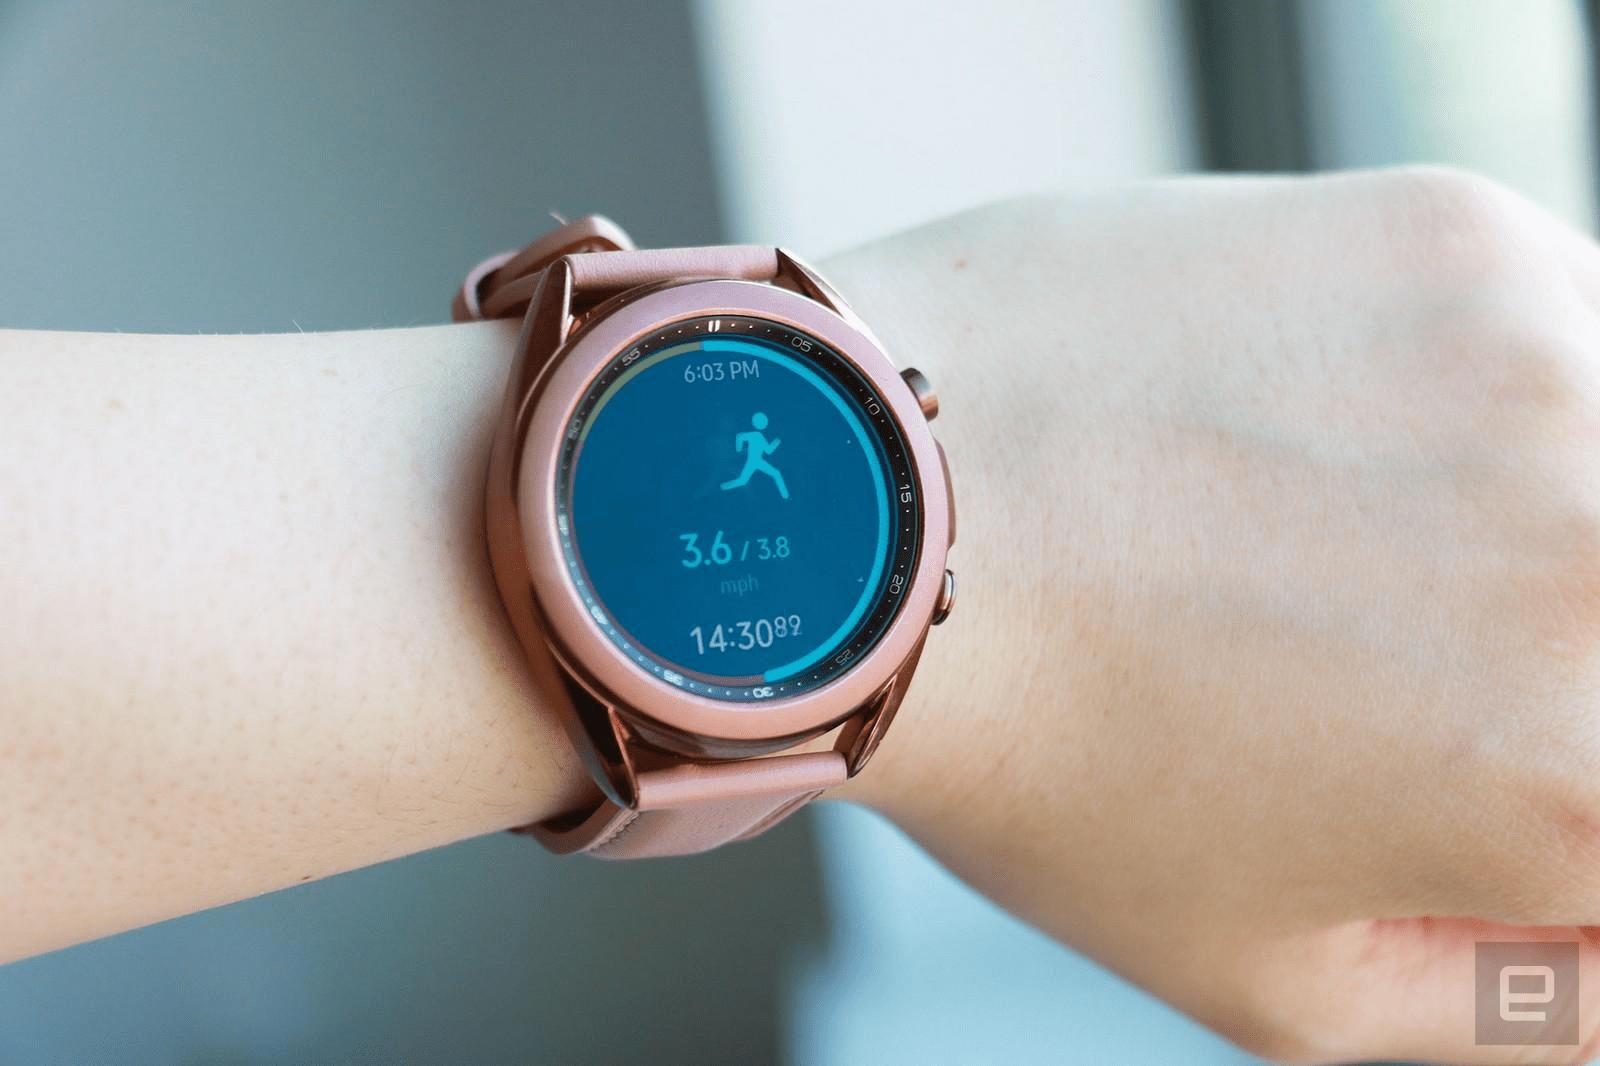 Galaxy Watch 3 nâng cấp tính năng theo dõi chạy ở bản cập nhật phần mềm đầu tiên.